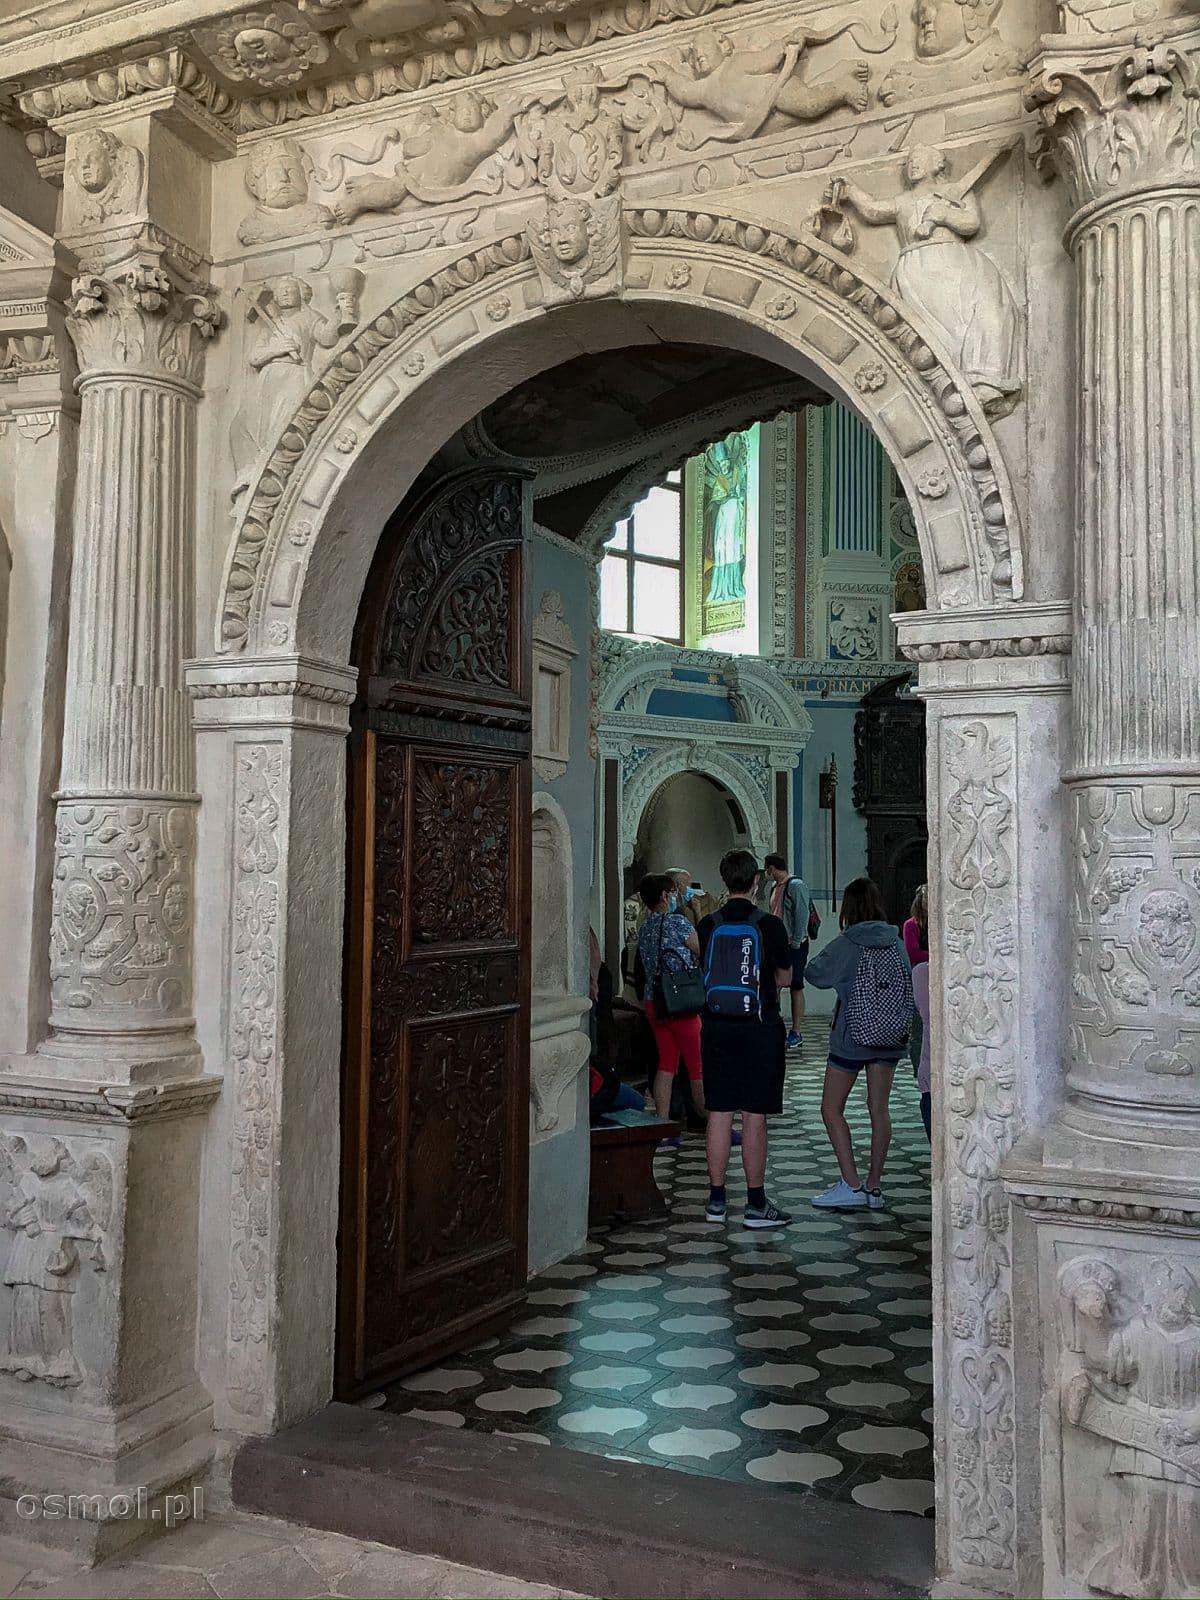 Bogato rzeźbiony portal wejściowy prowadzący do kaplicy w Krasiczynie